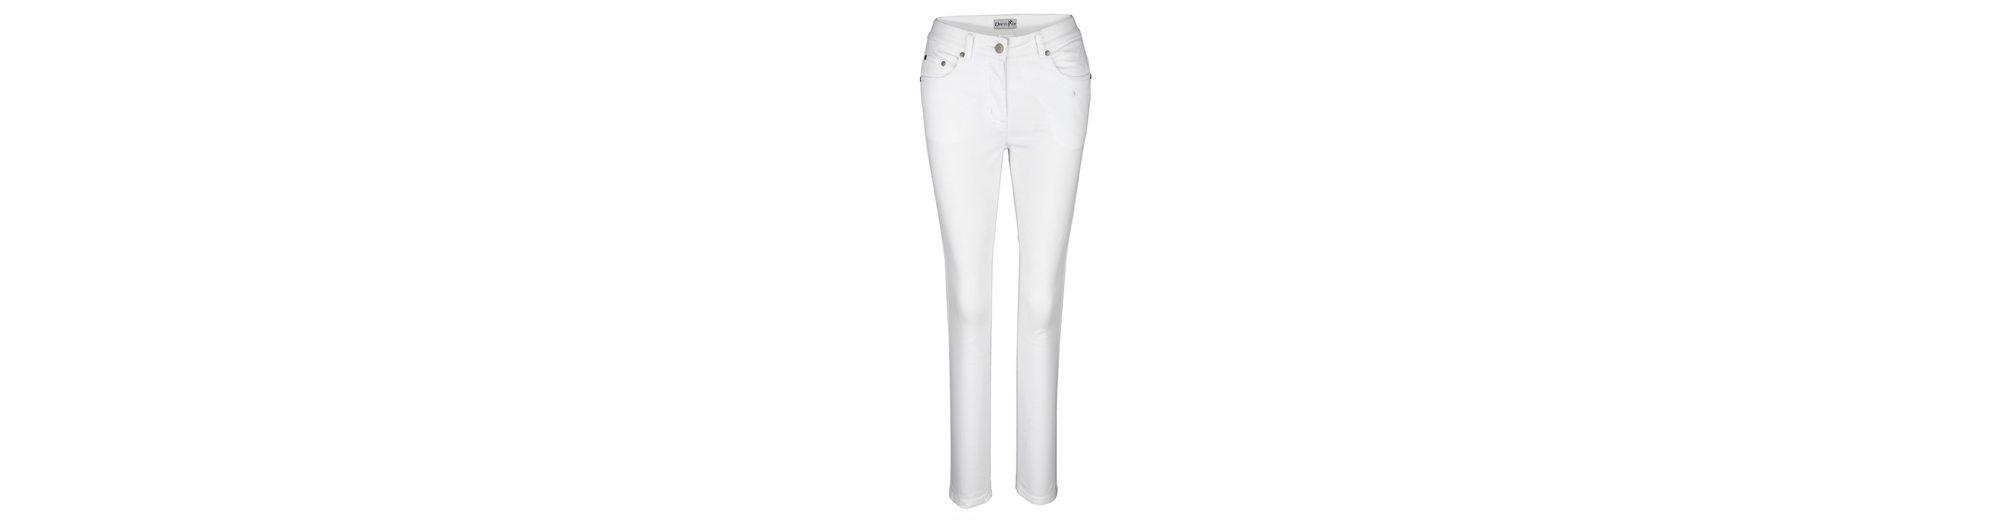 Dress In Jeans Laura Slim in knöchellanger Form Erkunden yp2QA